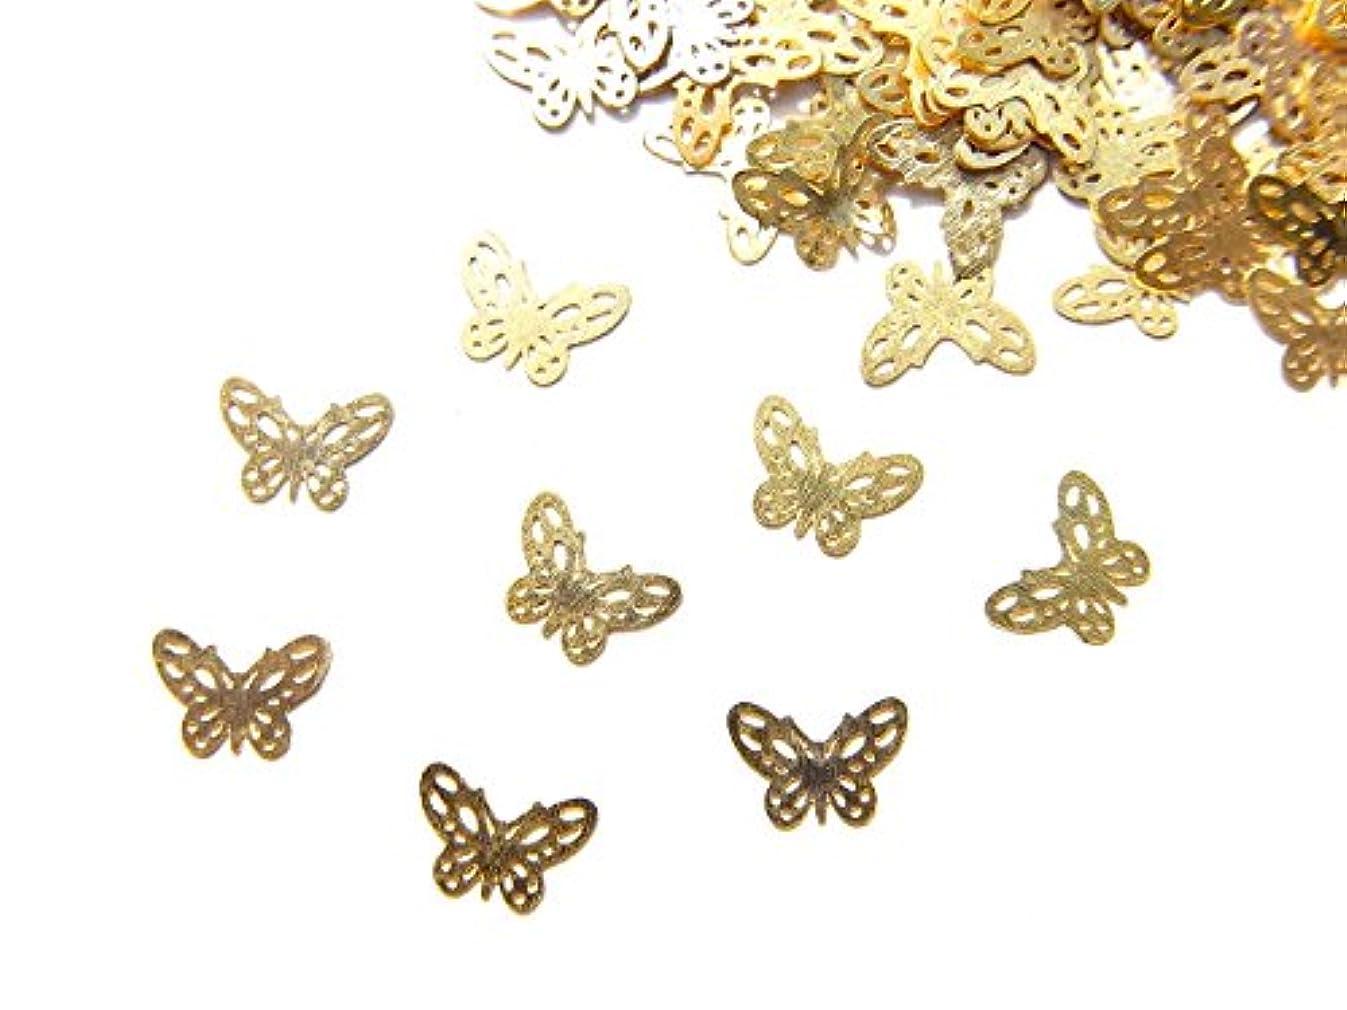 たっぷり気分が良い施し【jewel】ug25 薄型ゴールド メタルパーツ Sサイズ バタフライ 蝶 B 10個入り ネイルアートパーツ レジンパーツ